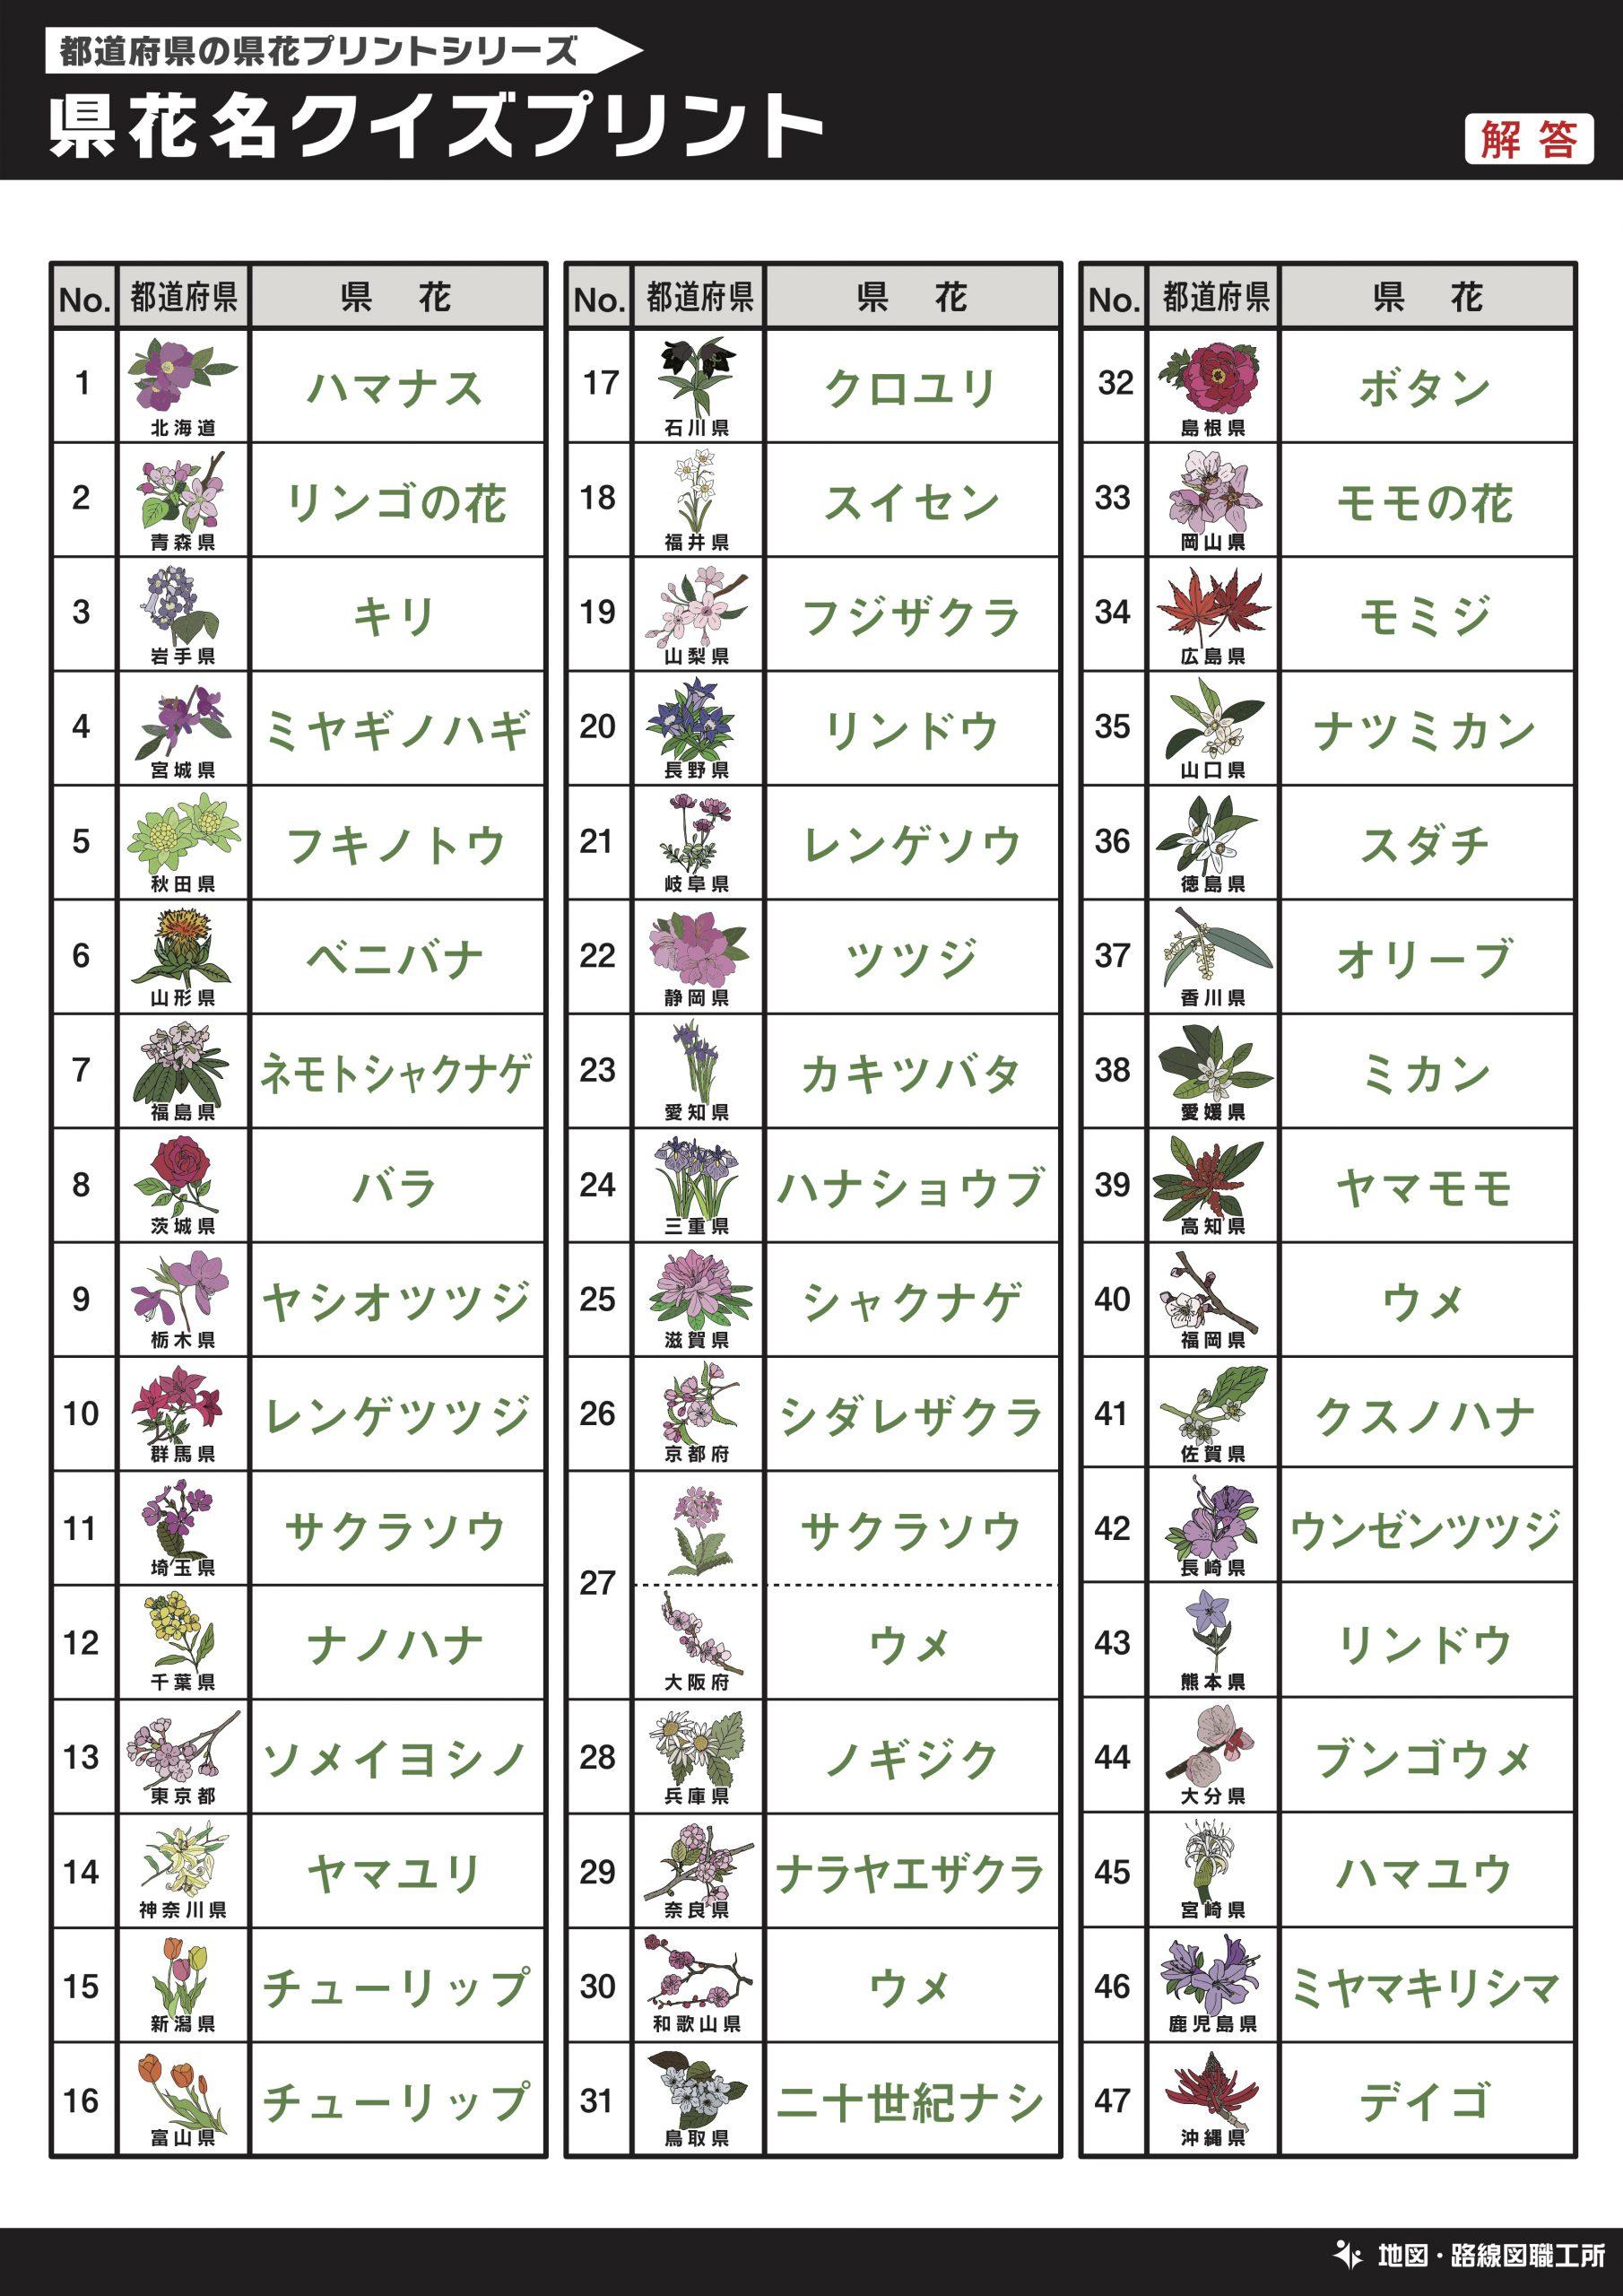 県花名クイズプリント 記入問題